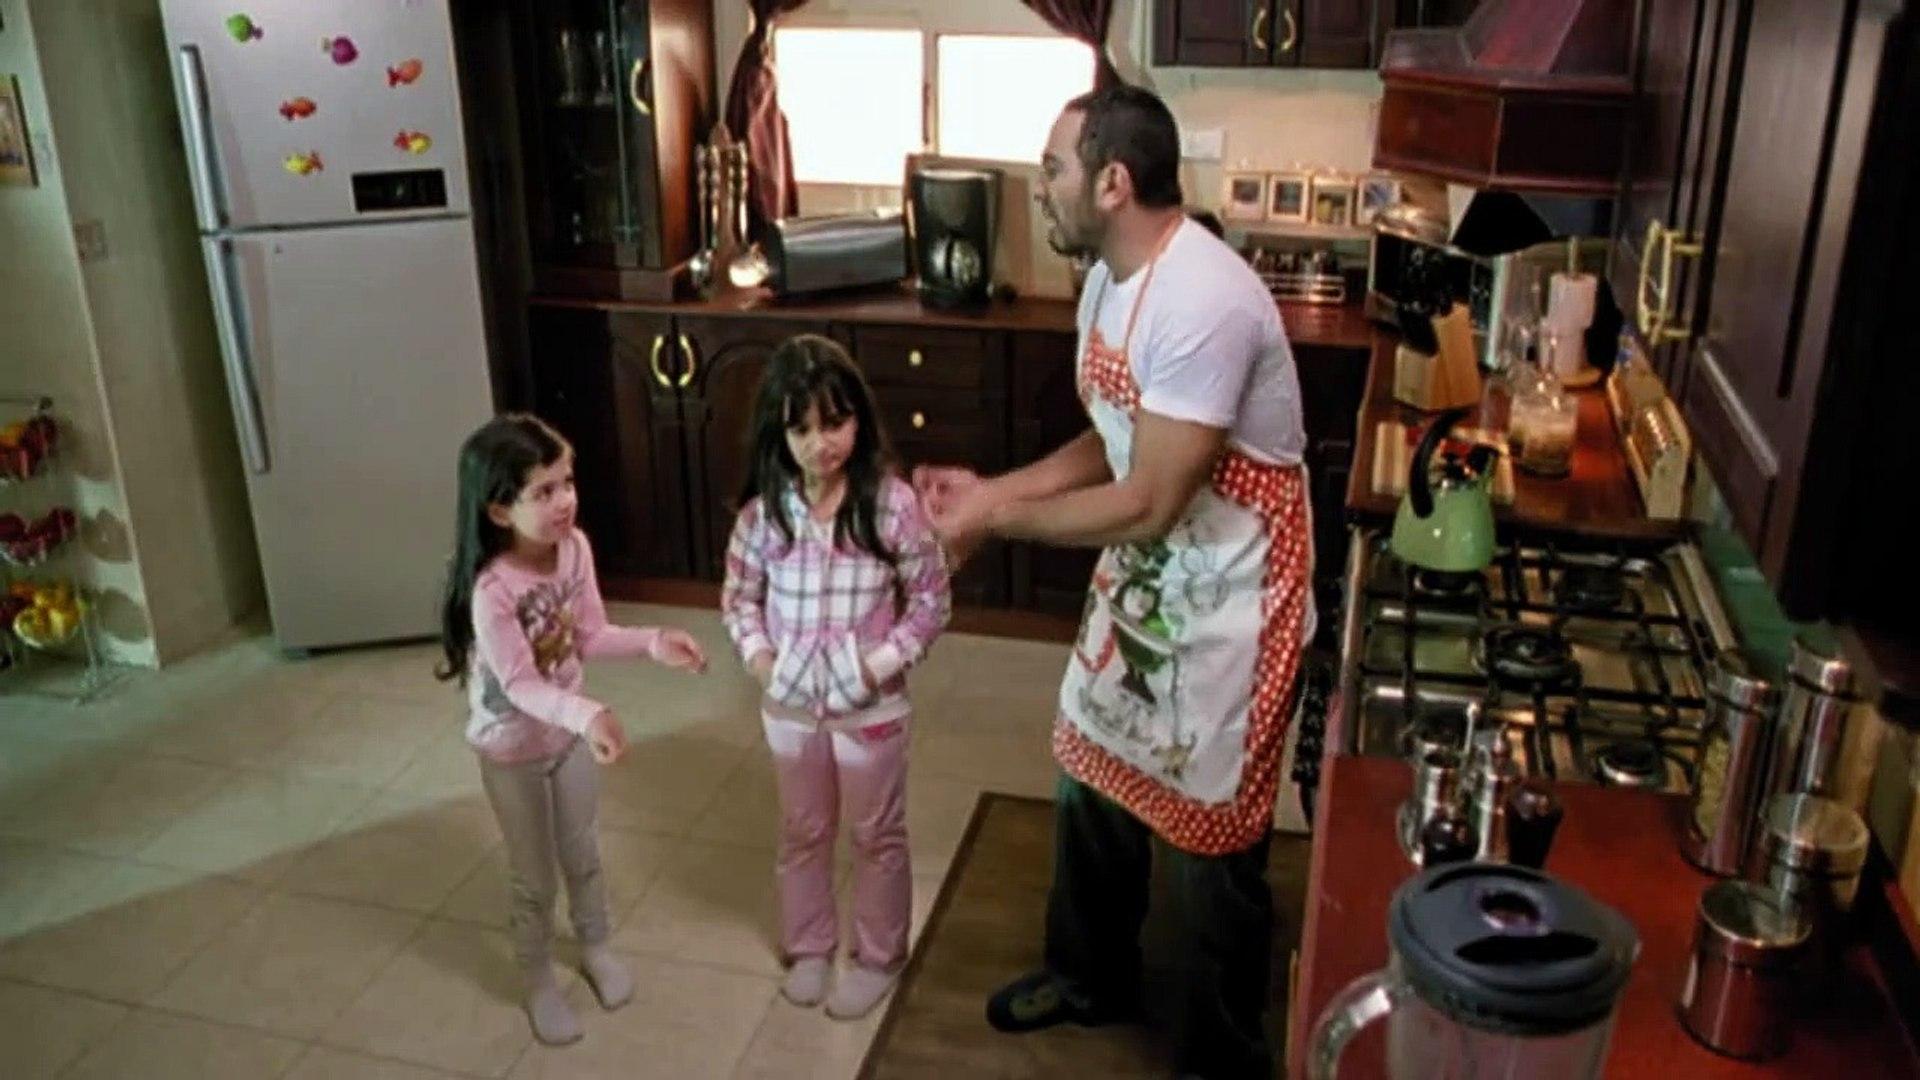 Hd فيلم عمر و سلمي 2 للنجم تامر حسني جـزء ثاني جودة